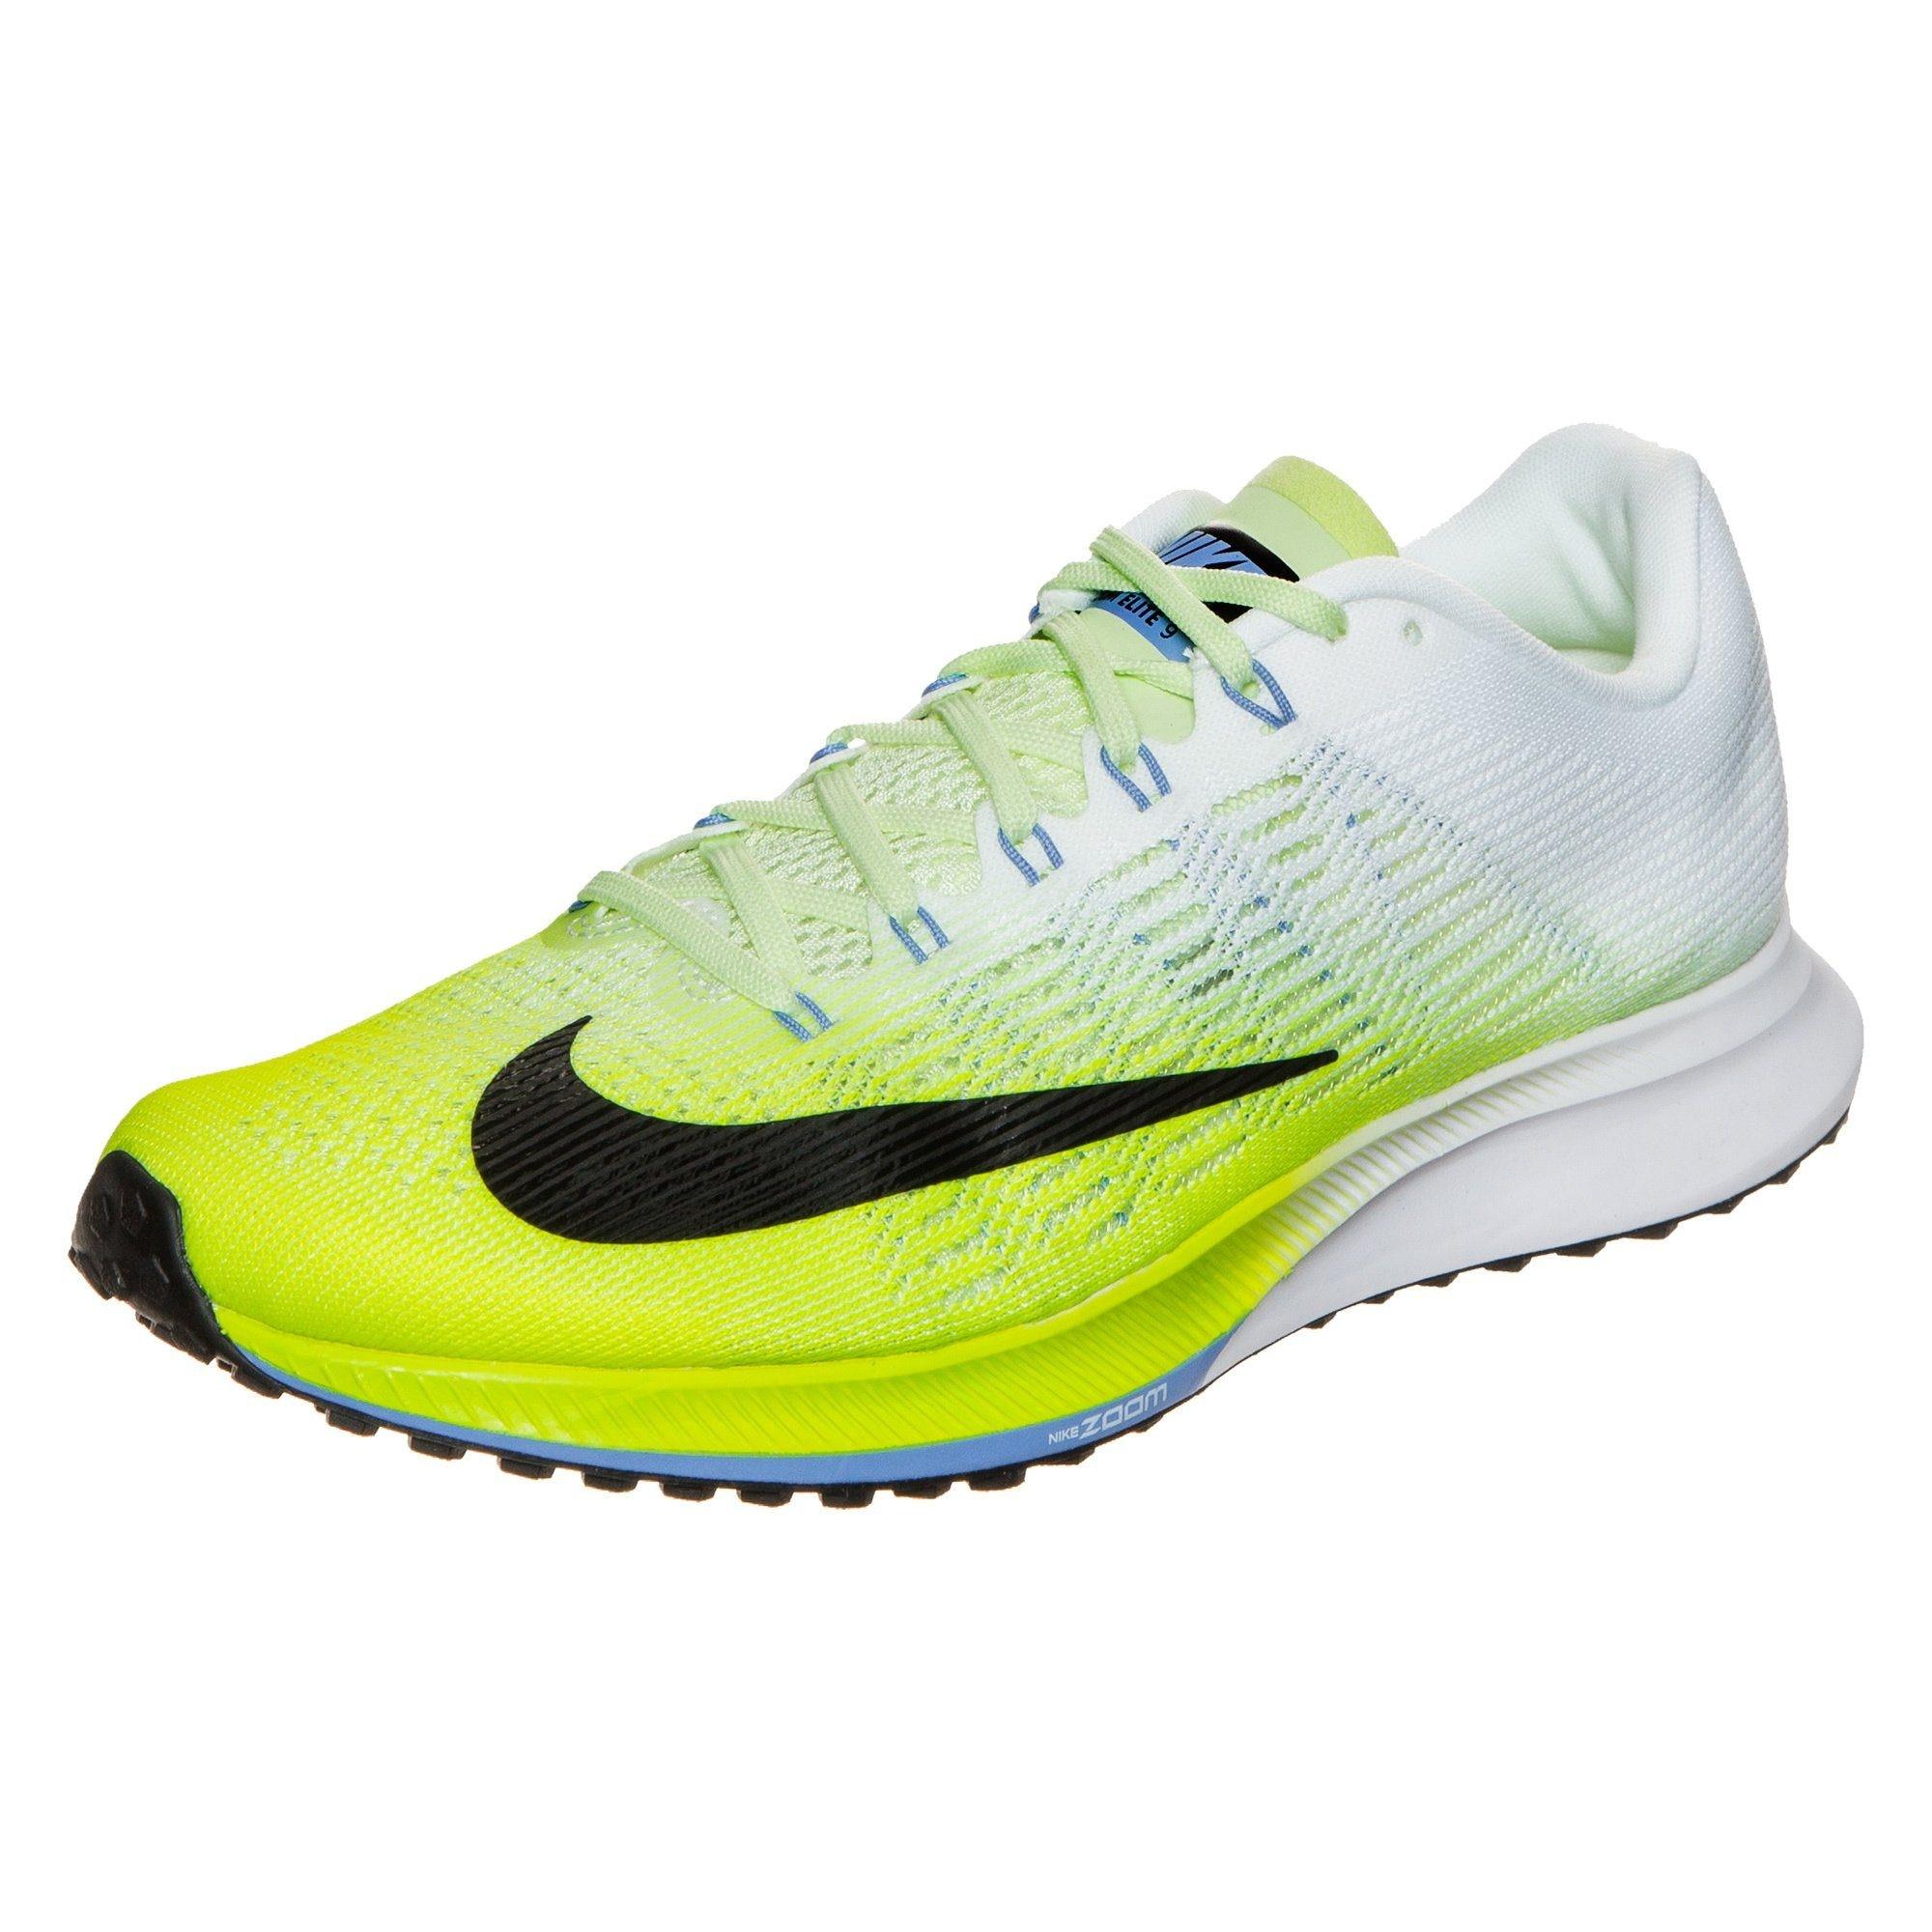 Nike Air Zoom Elite 9 Laufschuh Damen Preis-Leistungs-Verhältnis, online bestellen | Gutes Preis-Leistungs-Verhältnis, Damen es lohnt sich 397371